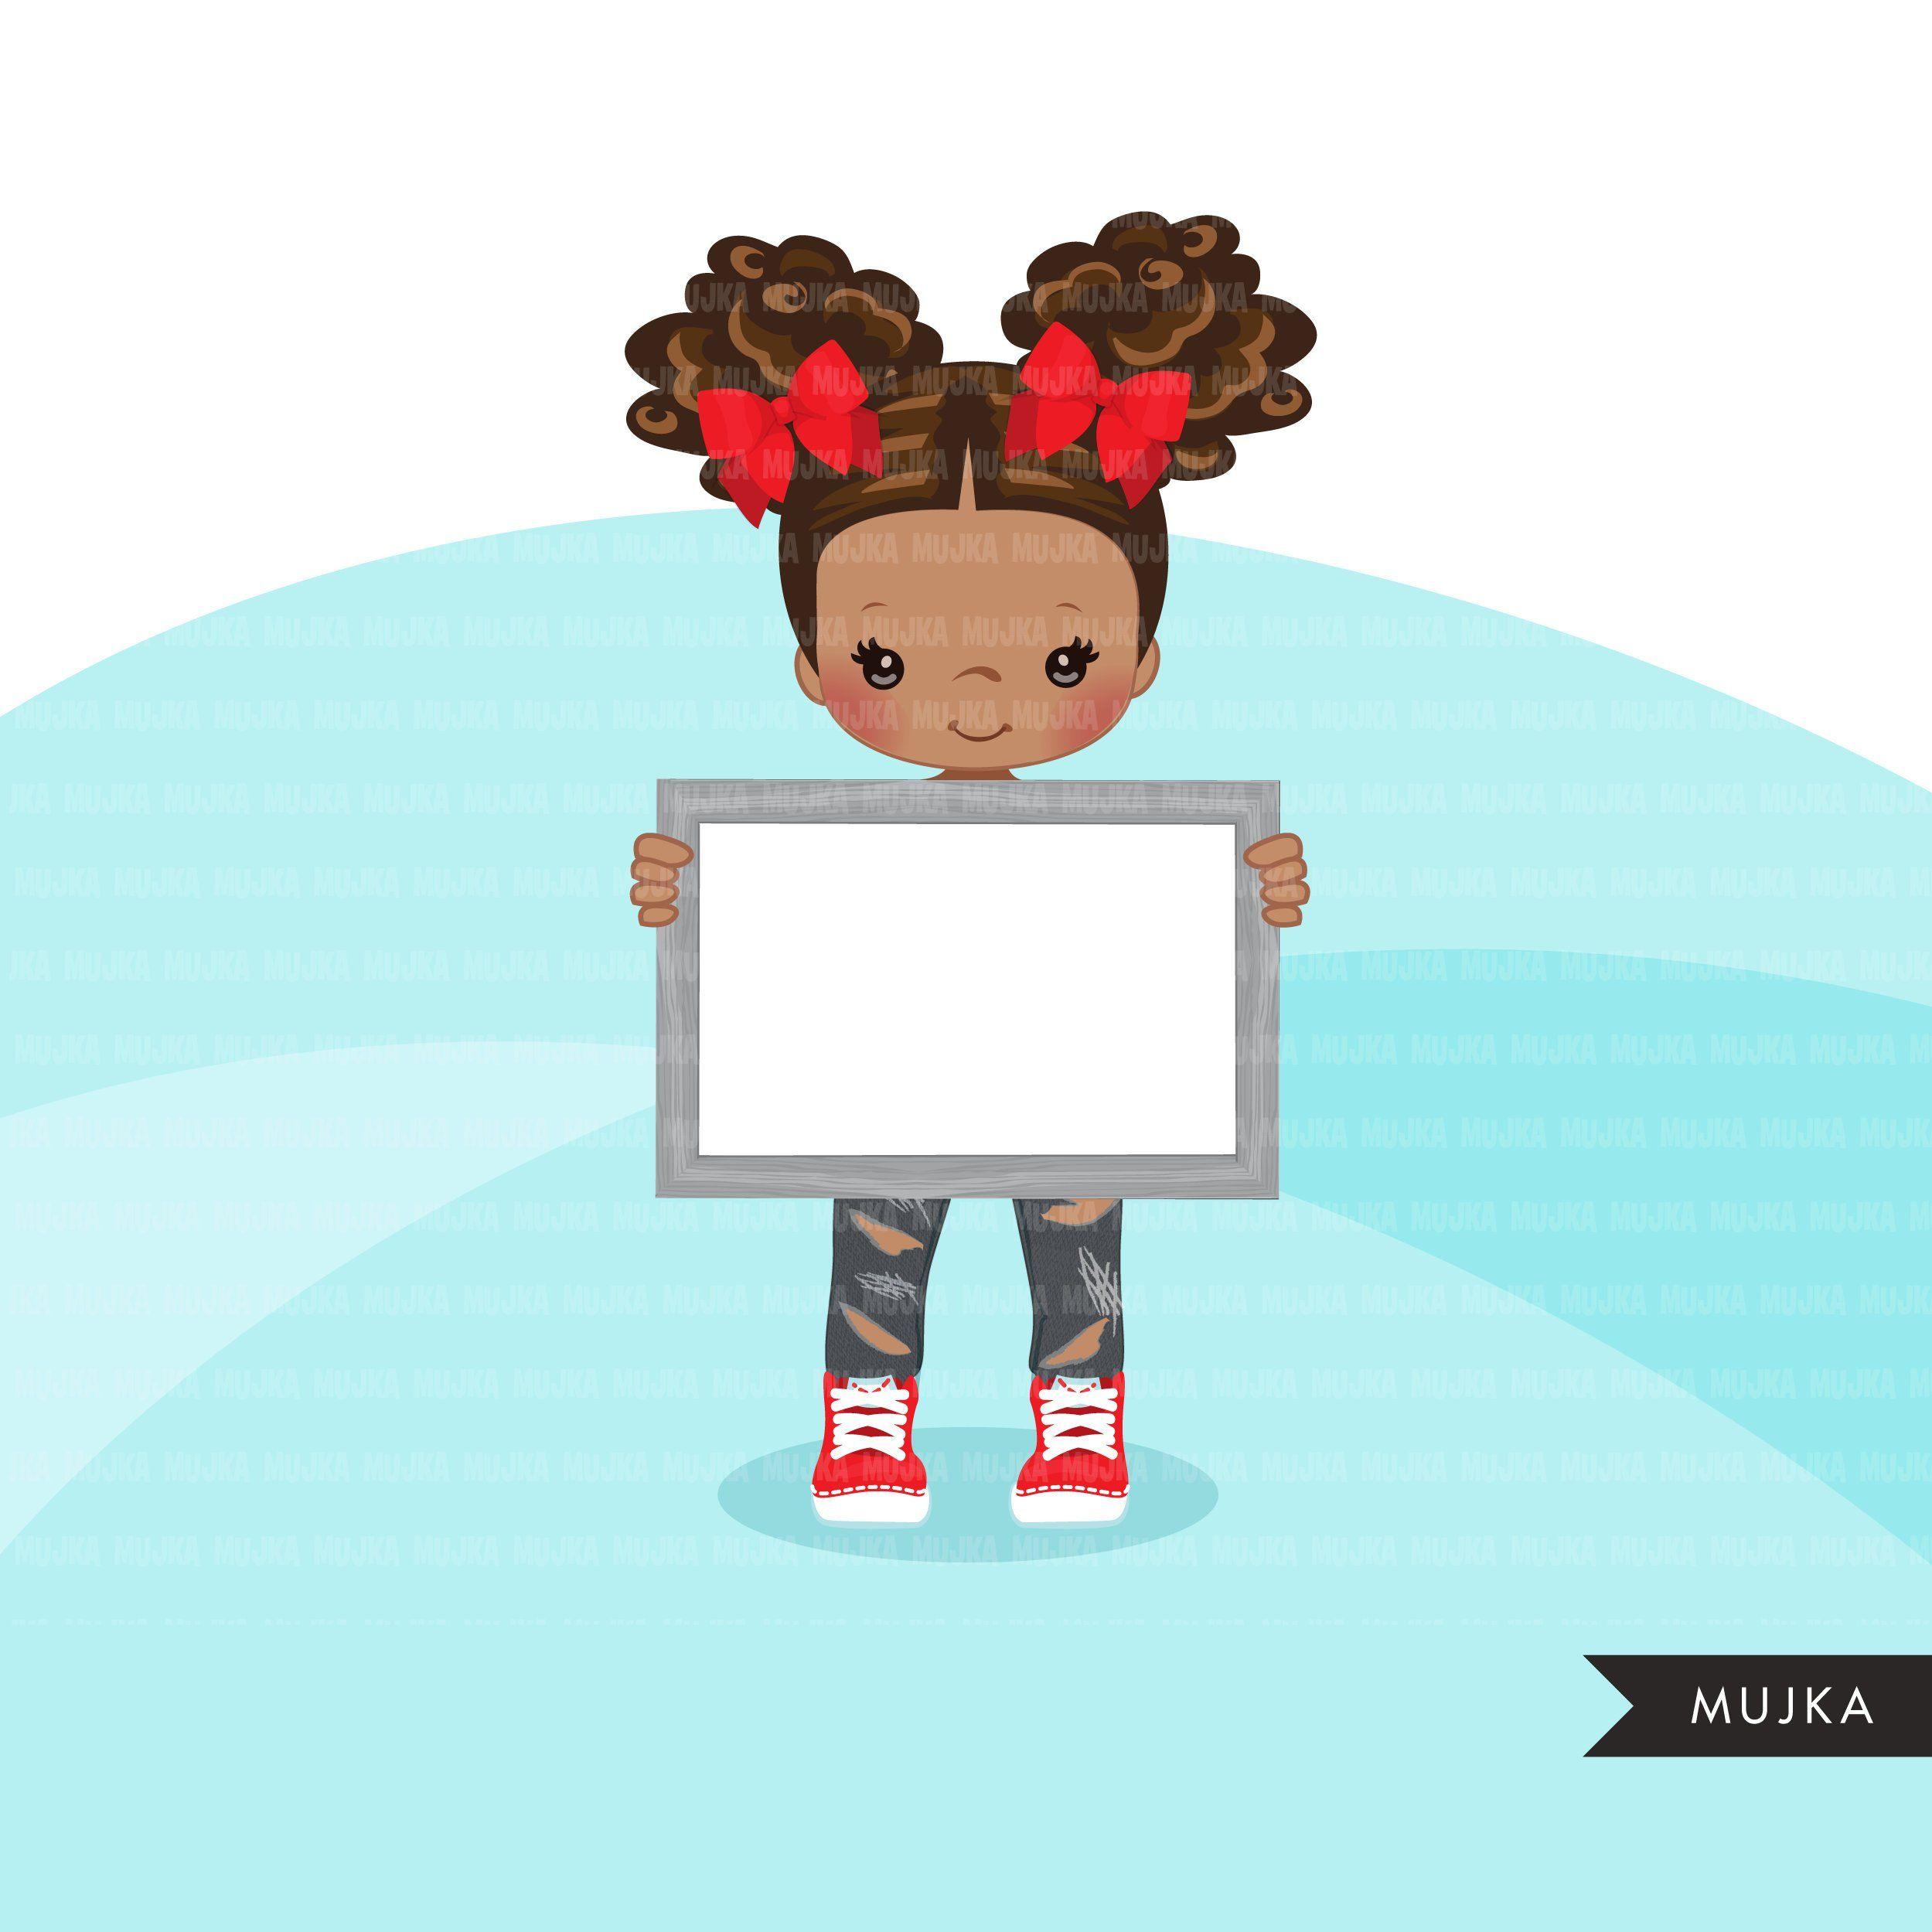 Blank sport frames PNG,digital download,sublimation designs,Sports clipart